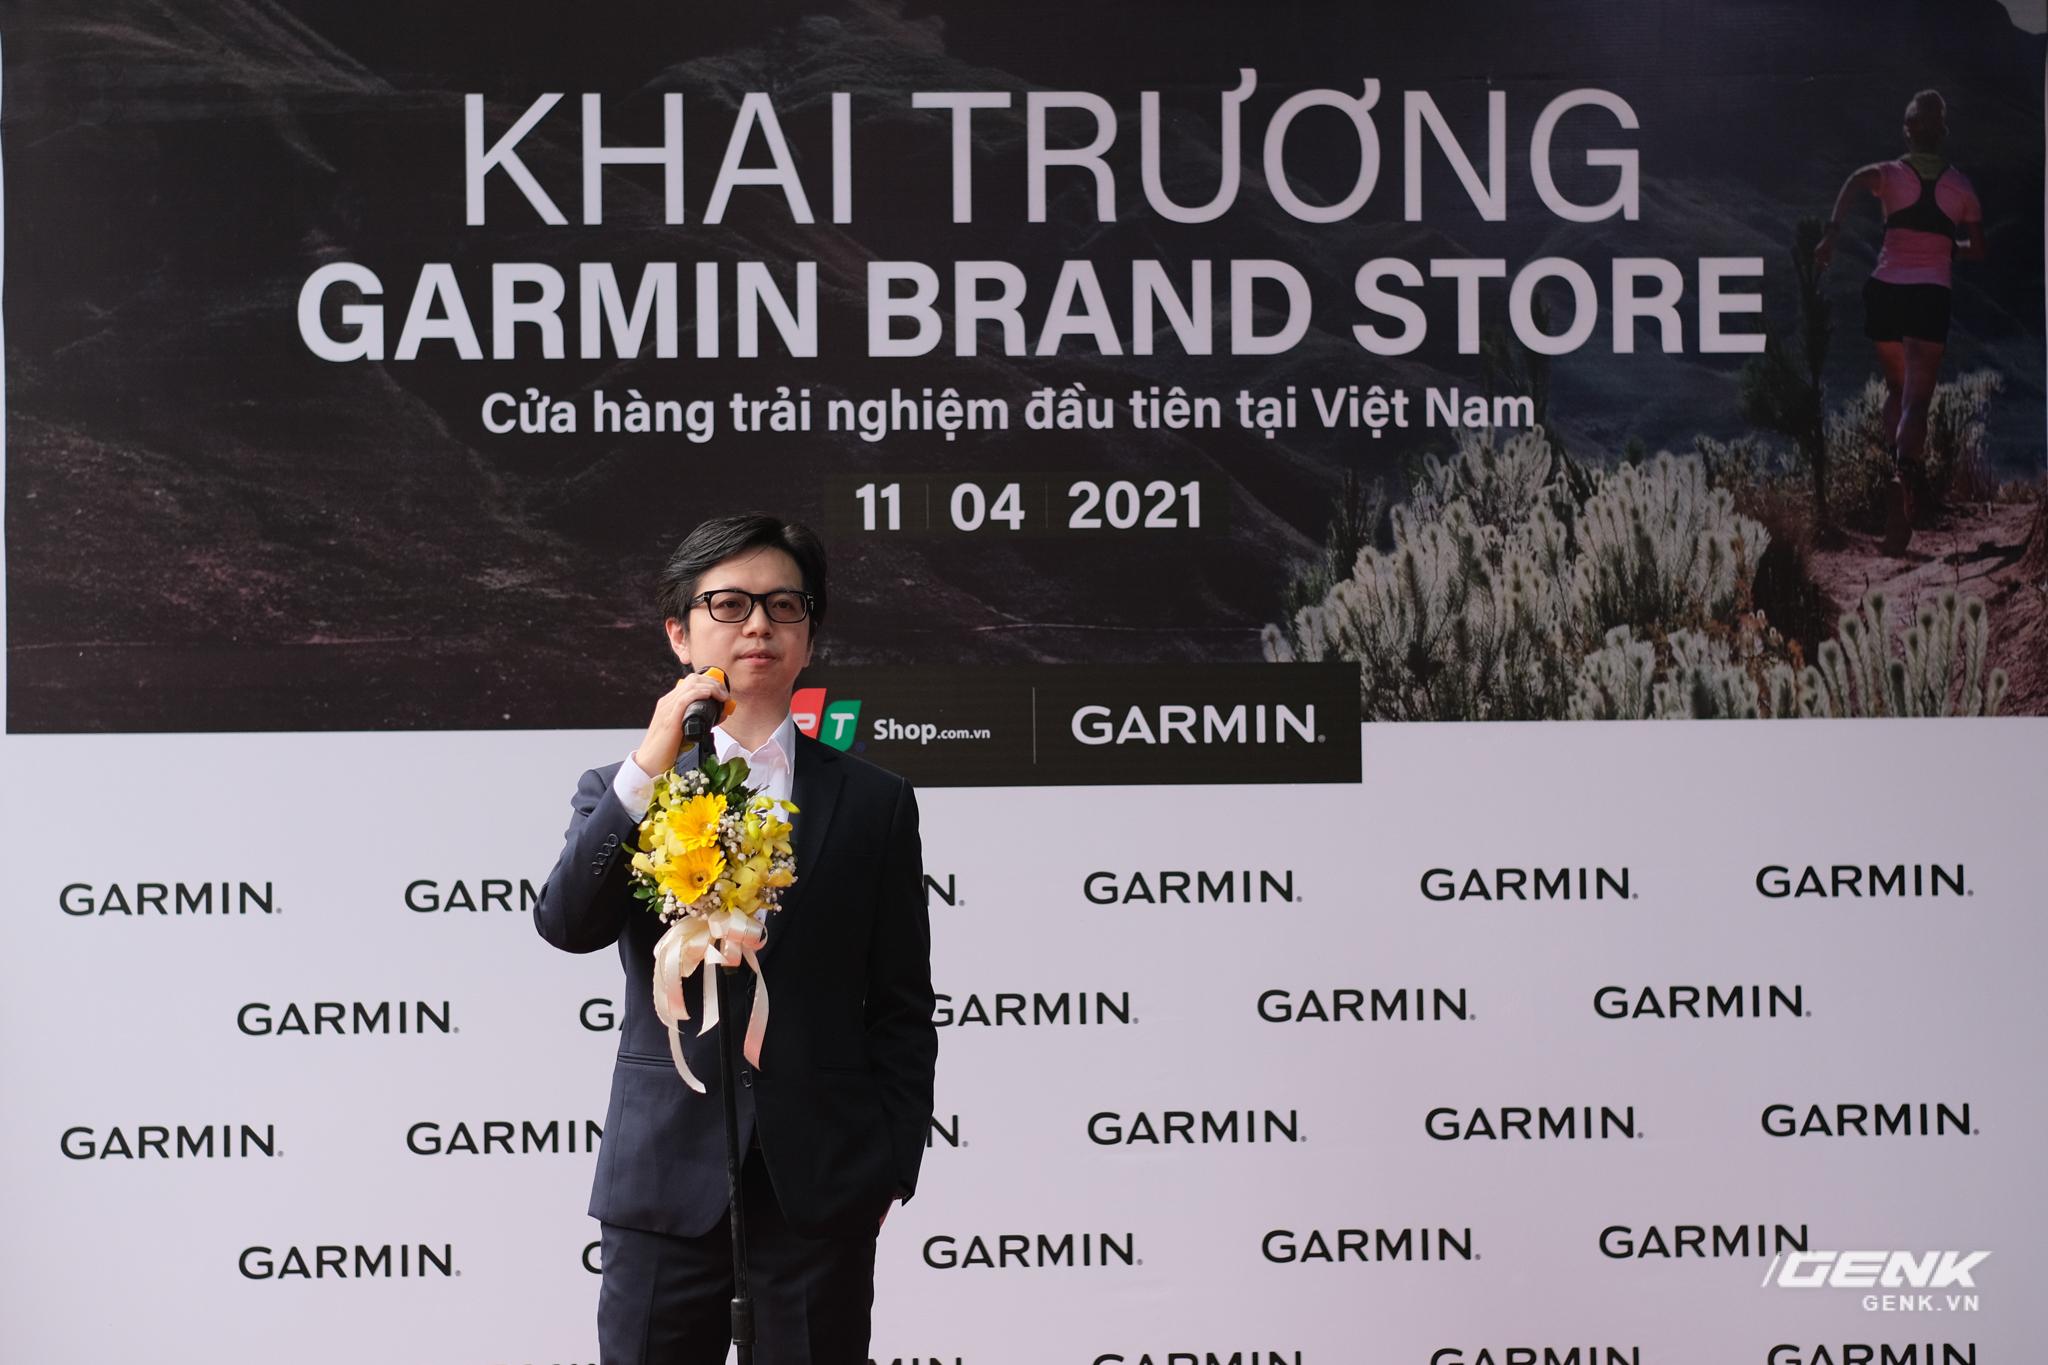 Garmin khai trương cửa hàng thương hiệu đầu tiên tại Việt Nam - Ảnh 7.